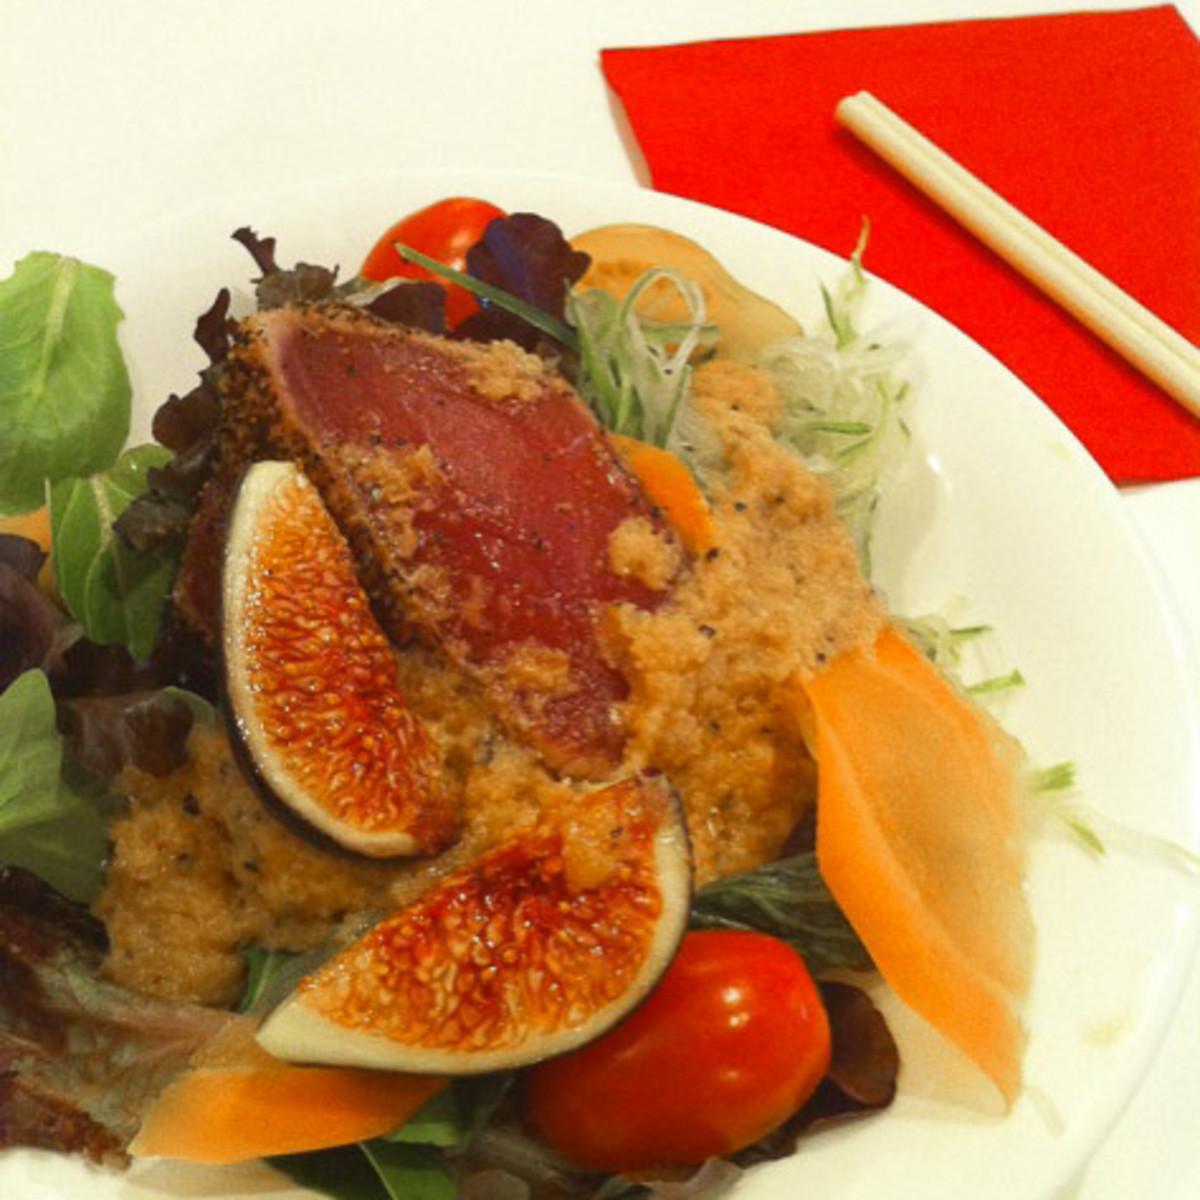 News_Sushi Raku_CultureMap_salad